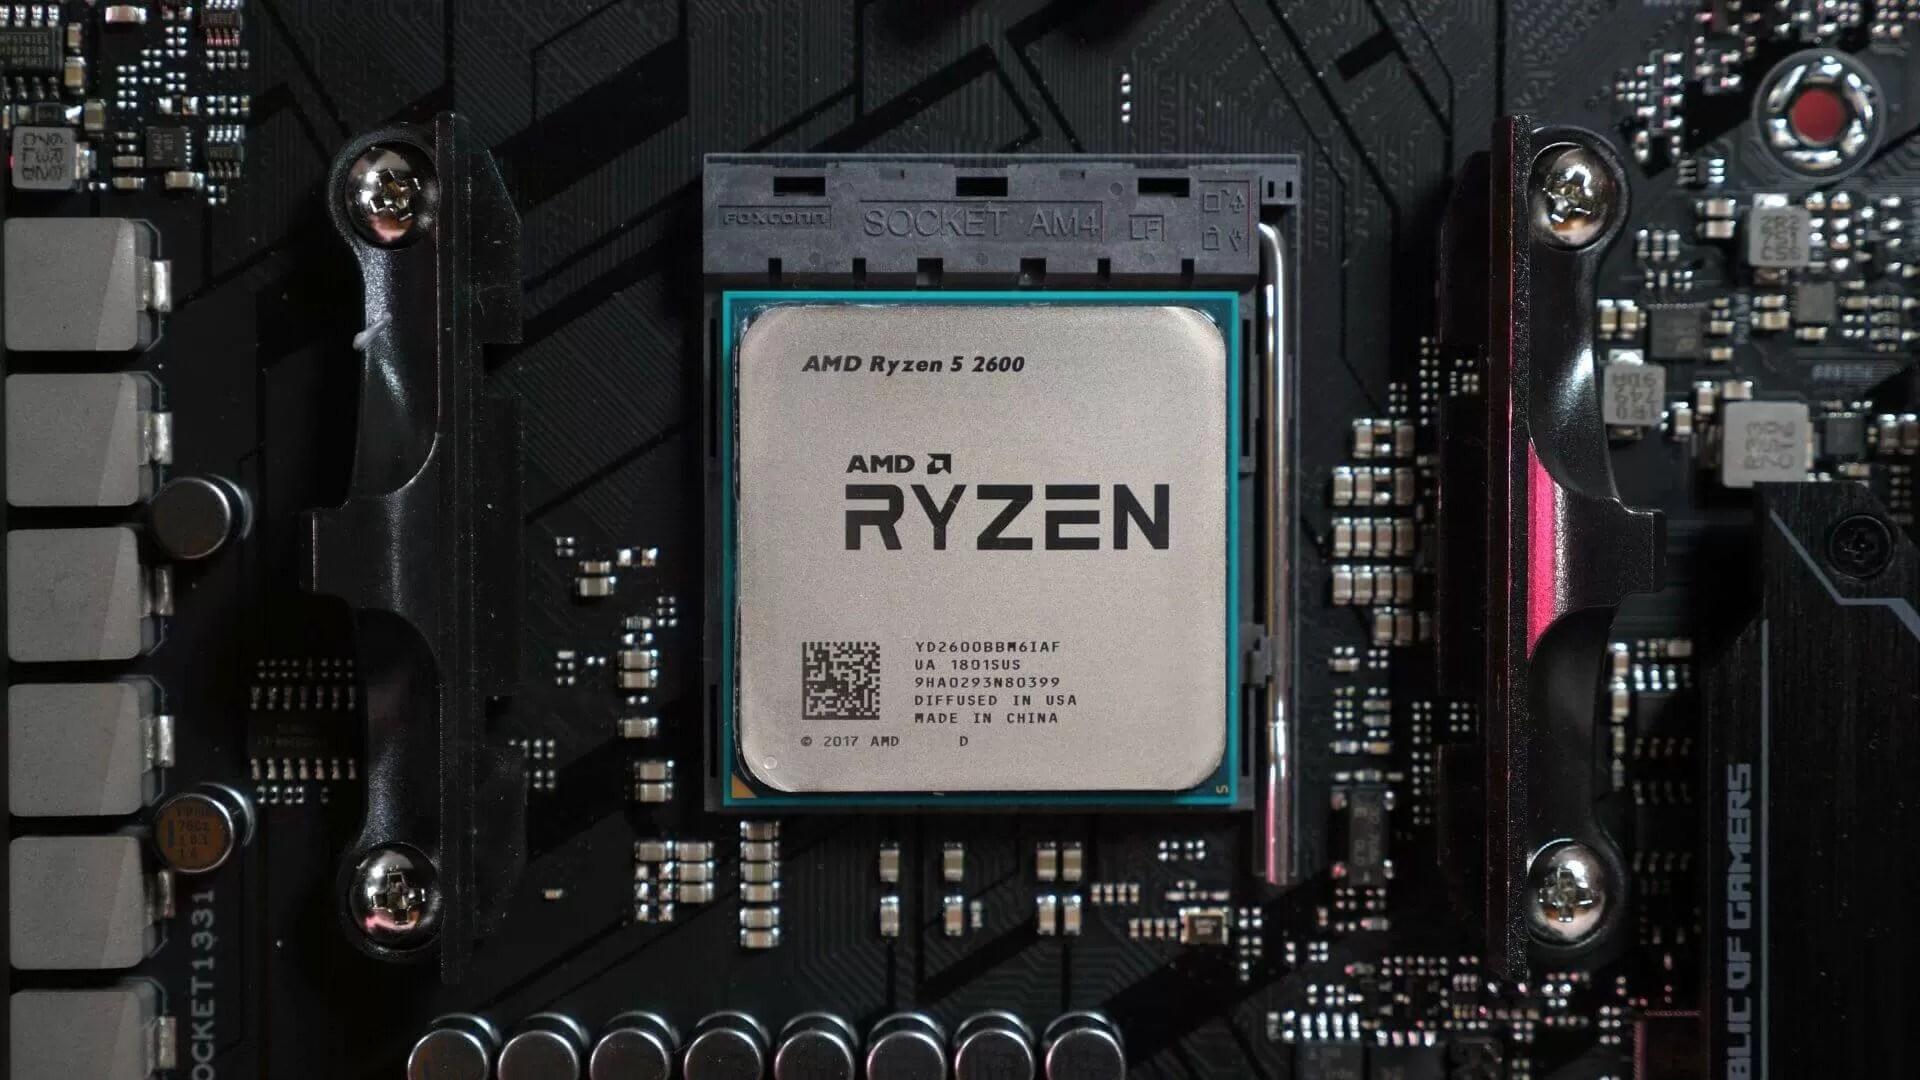 AMD Ryzen 5 2600 Reviews - TechSpot